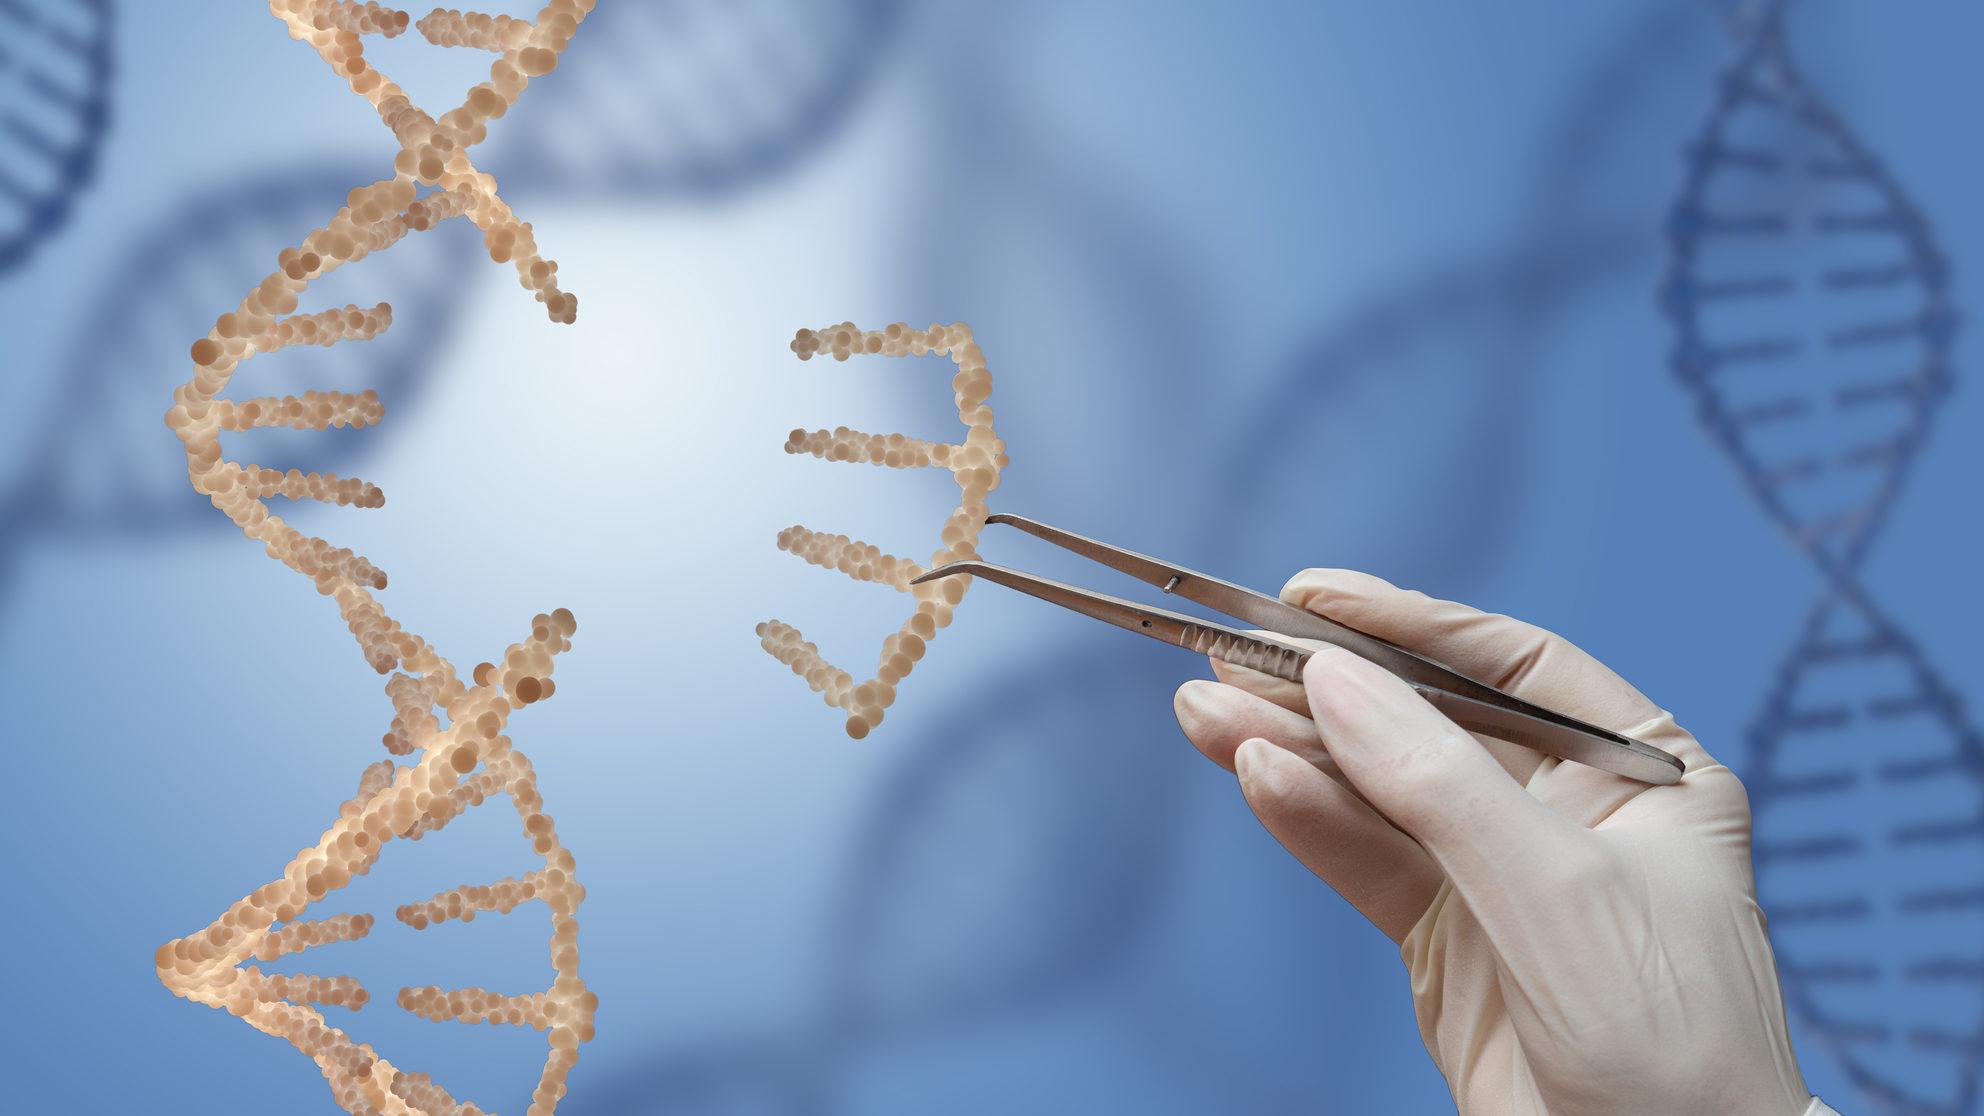 Forradalmi megoldásként emlegetik a kezelést, amely két agresszív ráktípus ellen is jó lehet